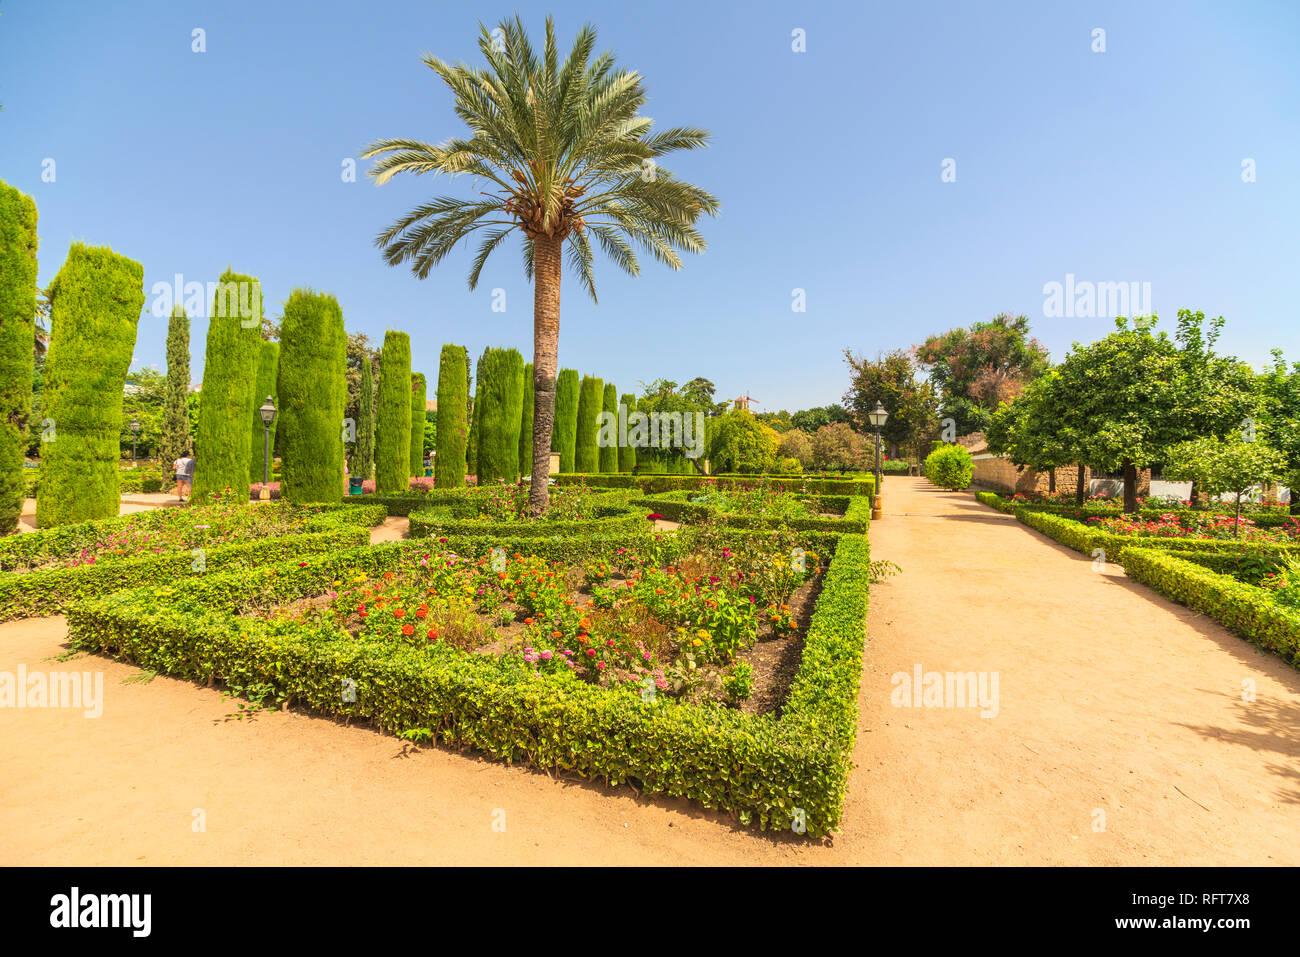 Palm trees and hedges, Jardines del Alcazar, ornamental gardens of Alcazar de los Reyes Cristianos, Cordoba, UNESCO, Andalusia, Spain - Stock Image